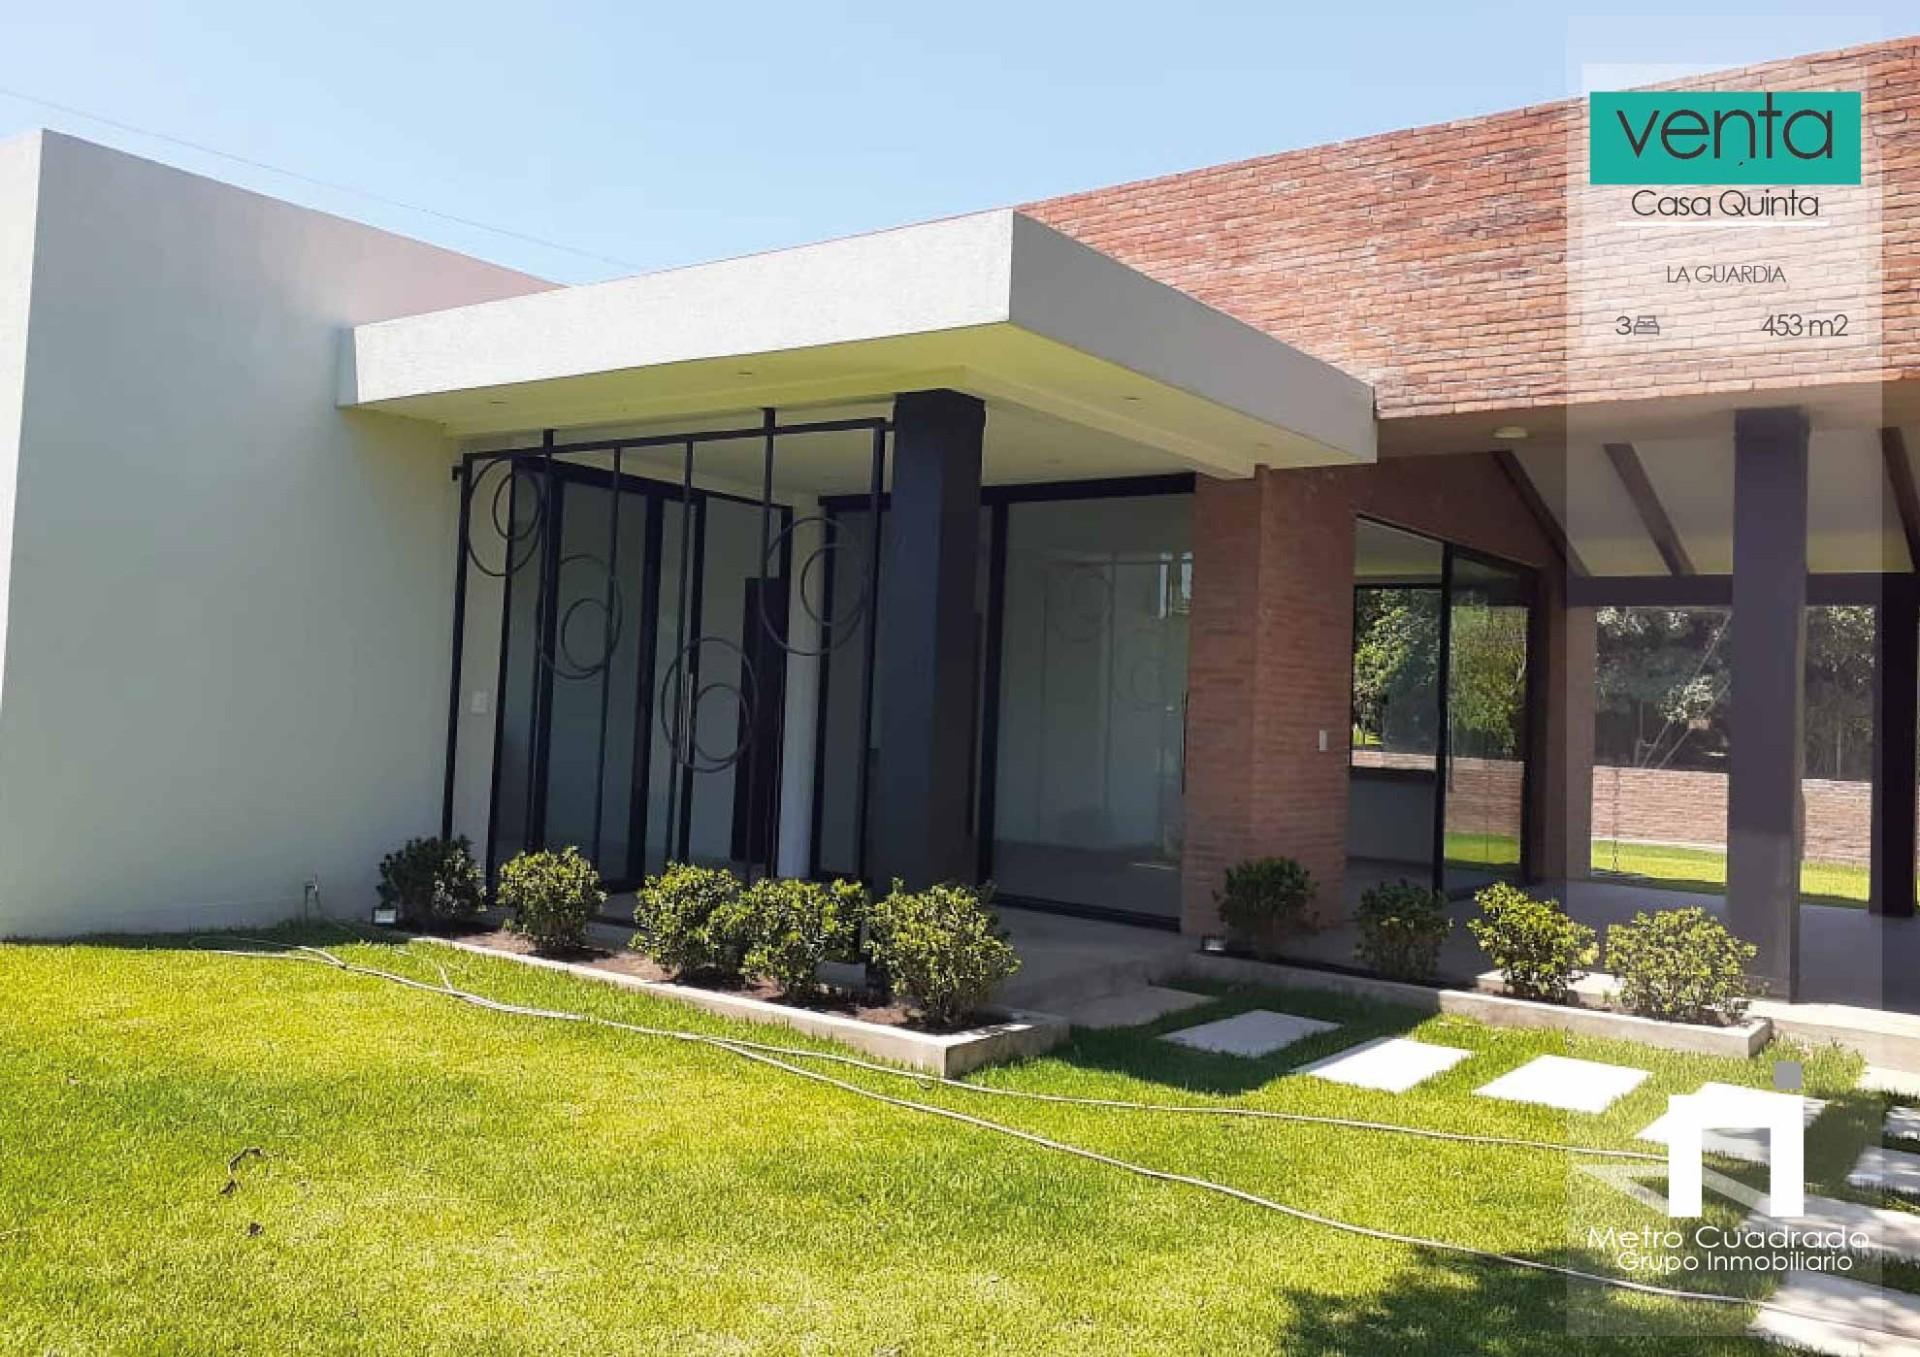 Casa en Venta La guardia Foto 1